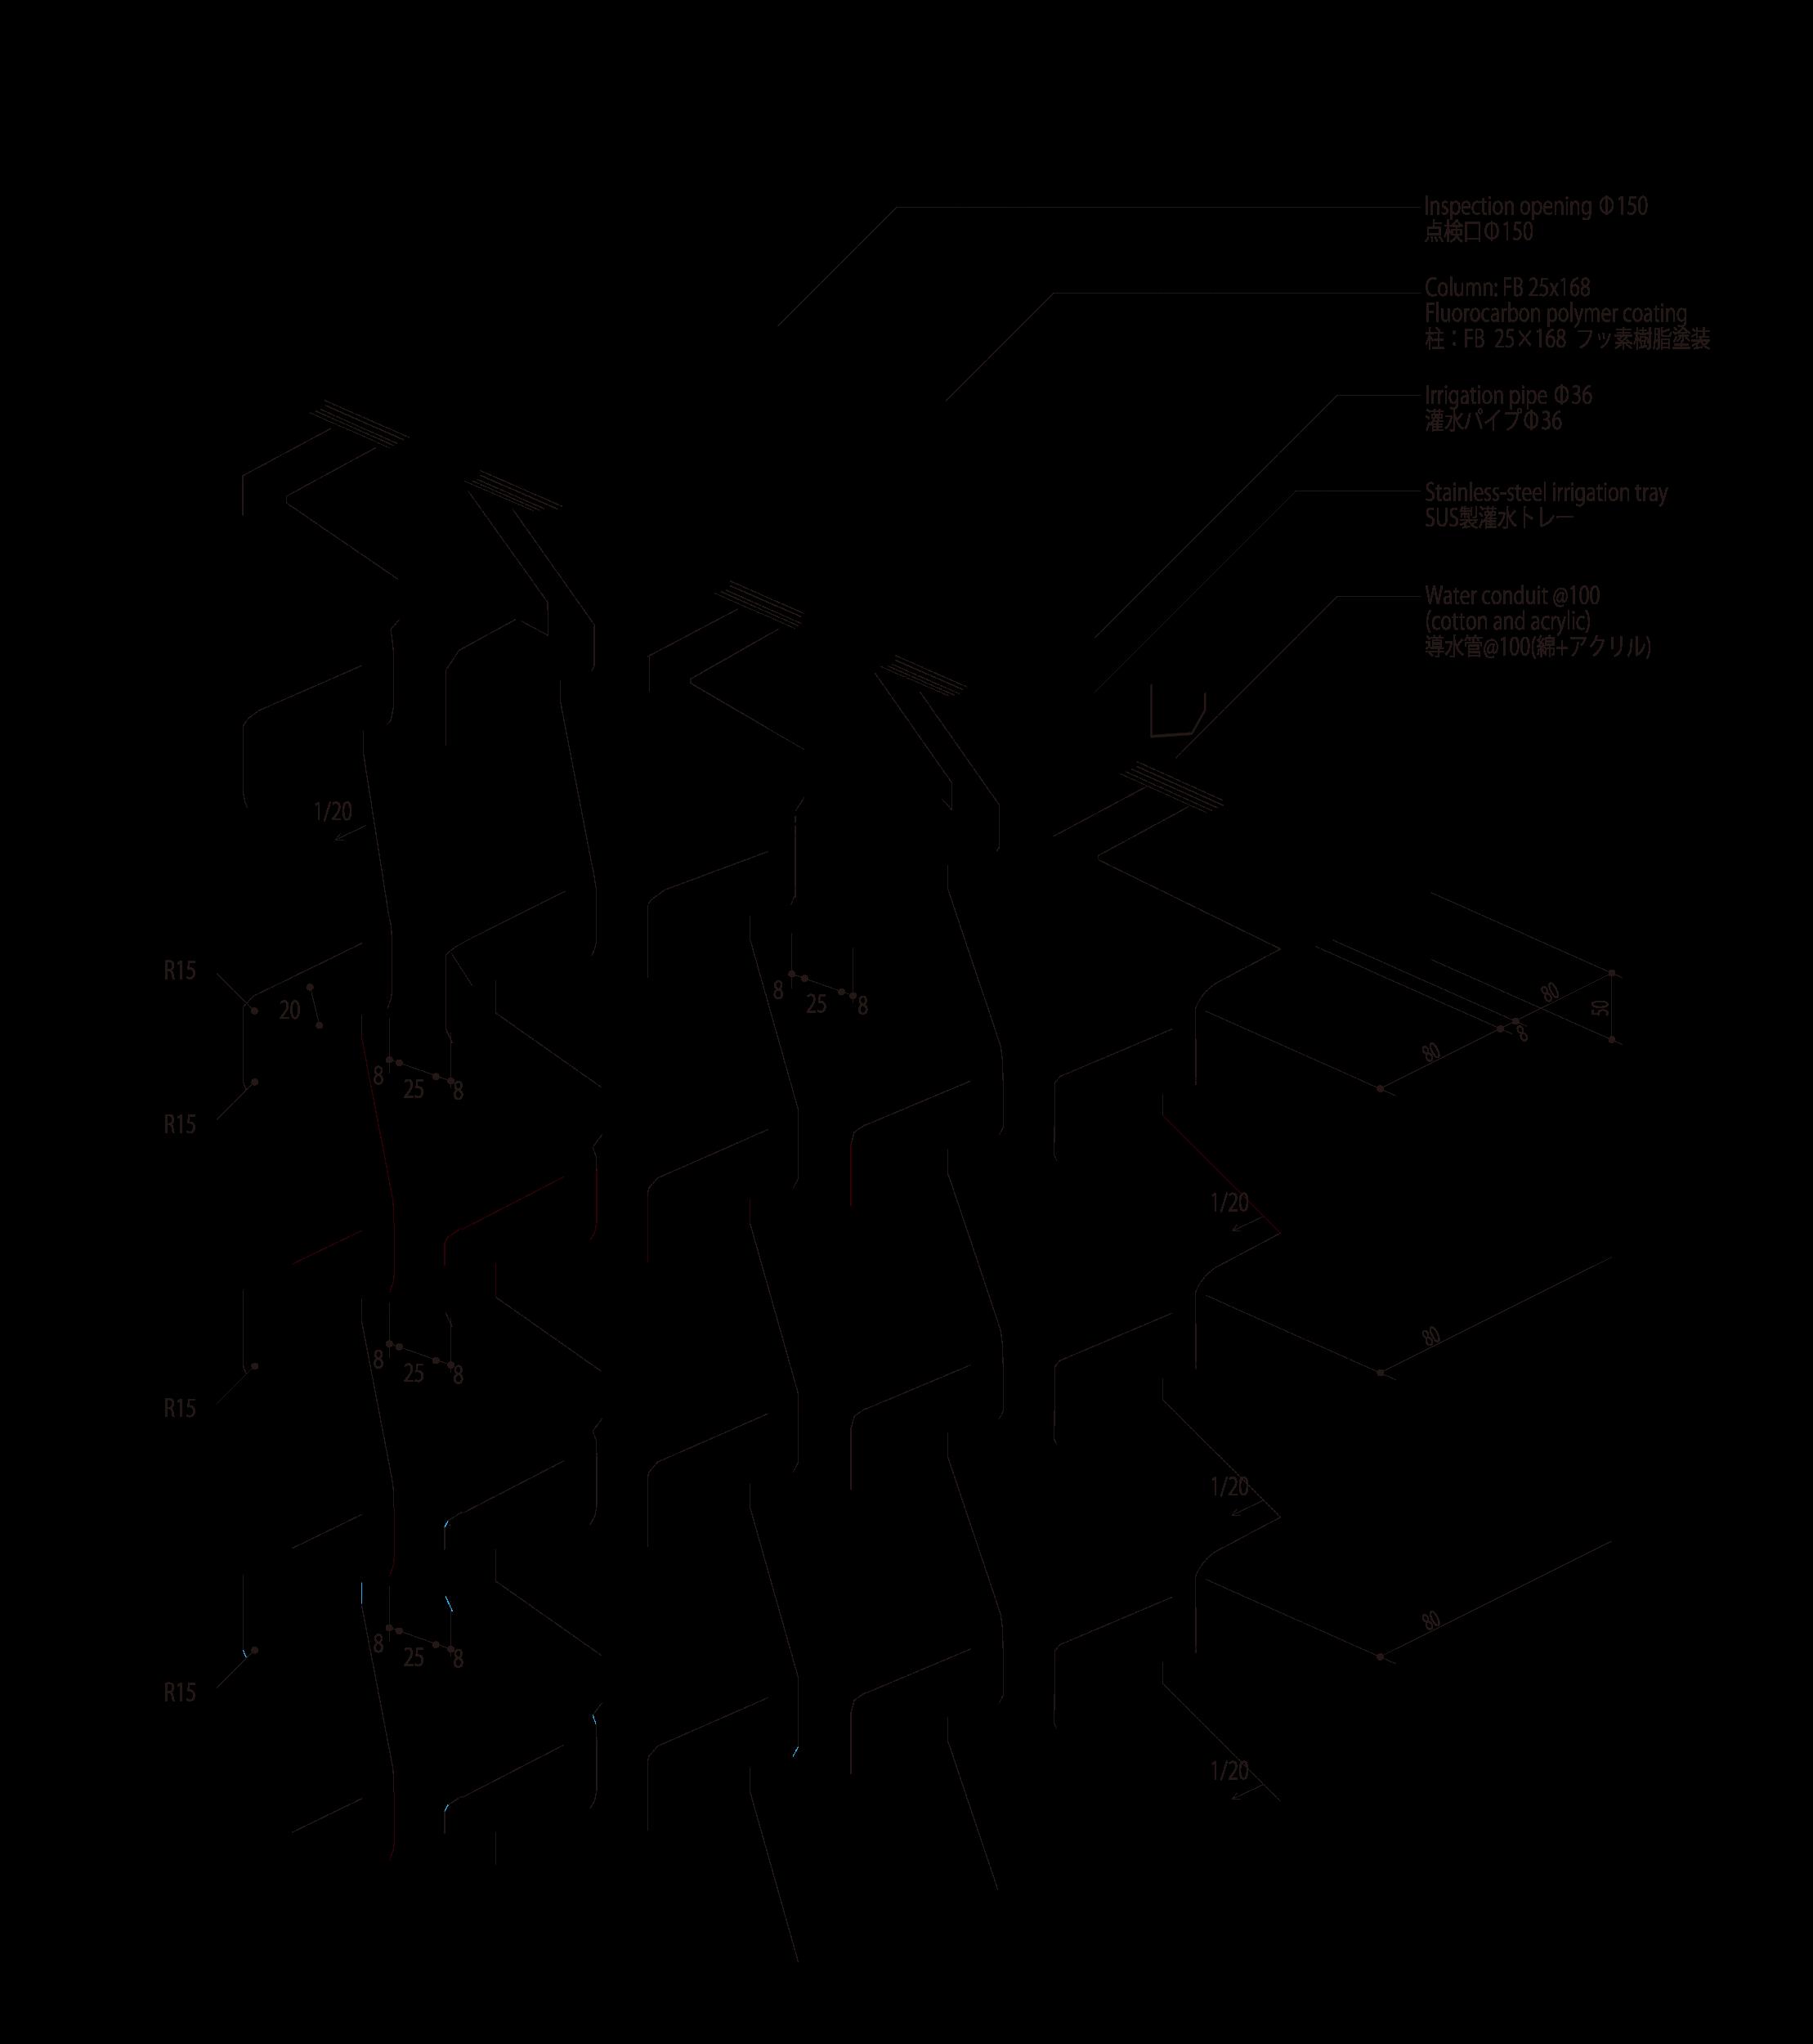 灌水トレーに取りつけられた灌水パイプの毛細管現象によって、それぞれのGRCに等しく水が届けられる。 photo